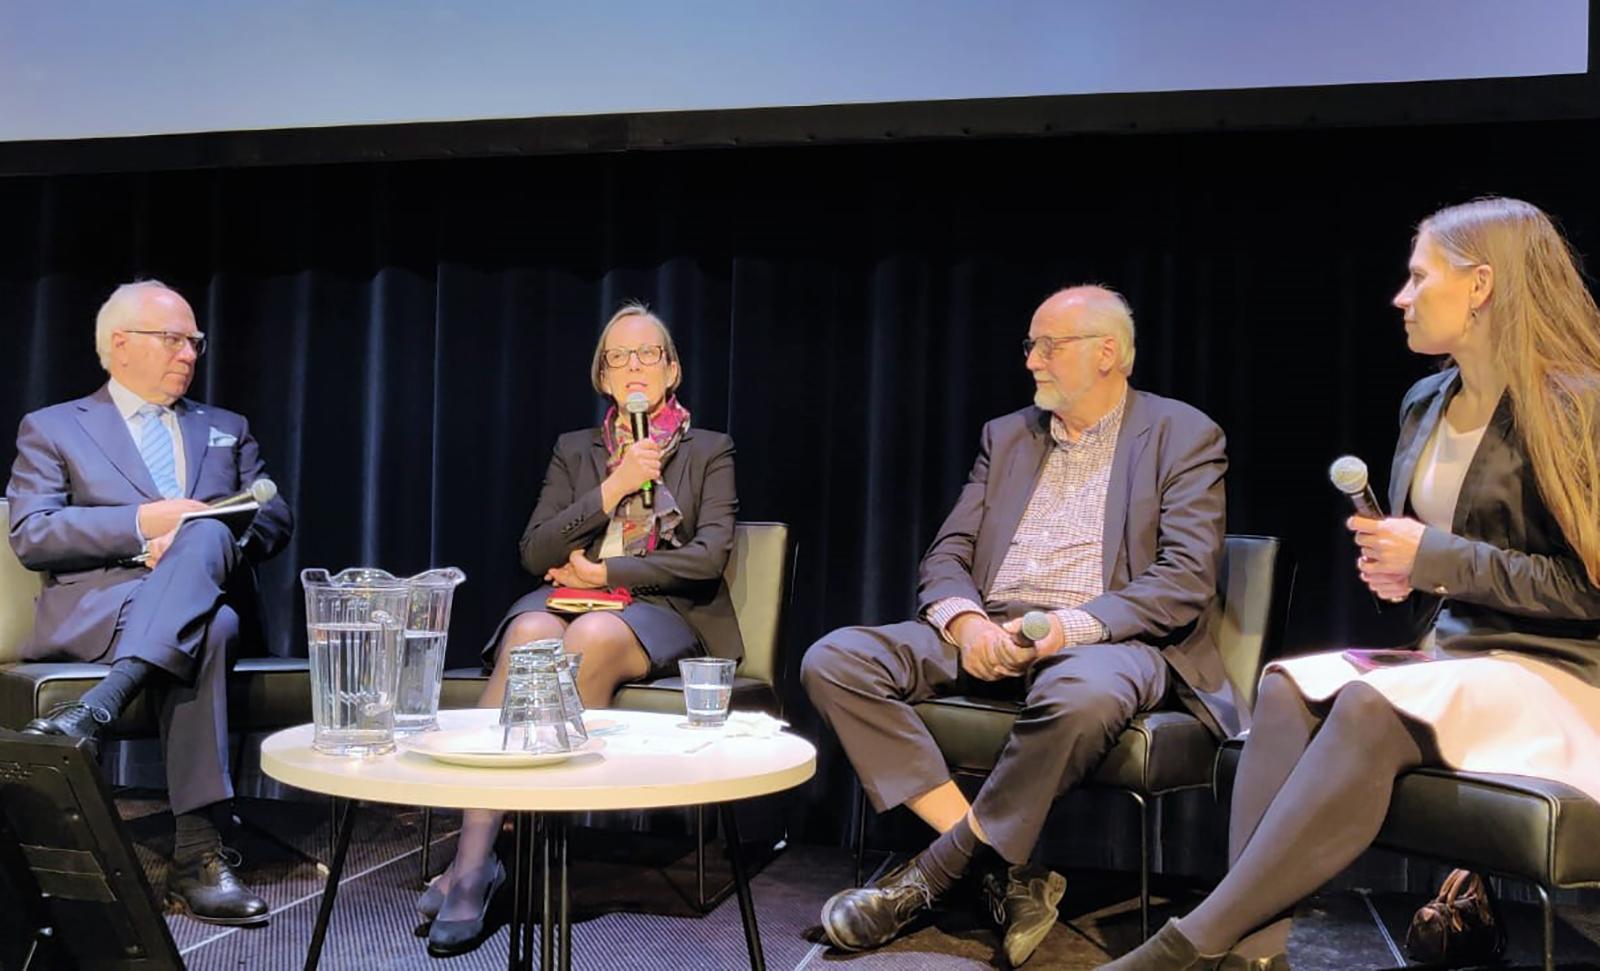 Hallitustyö kolmen pörssiyhtiön puheenjohtajan silmin. Kuvassa lavalla ovat Jorma Eloranta (vas.), Laura Raitio, Petteri Walldén ja Sari Lounasmeri.